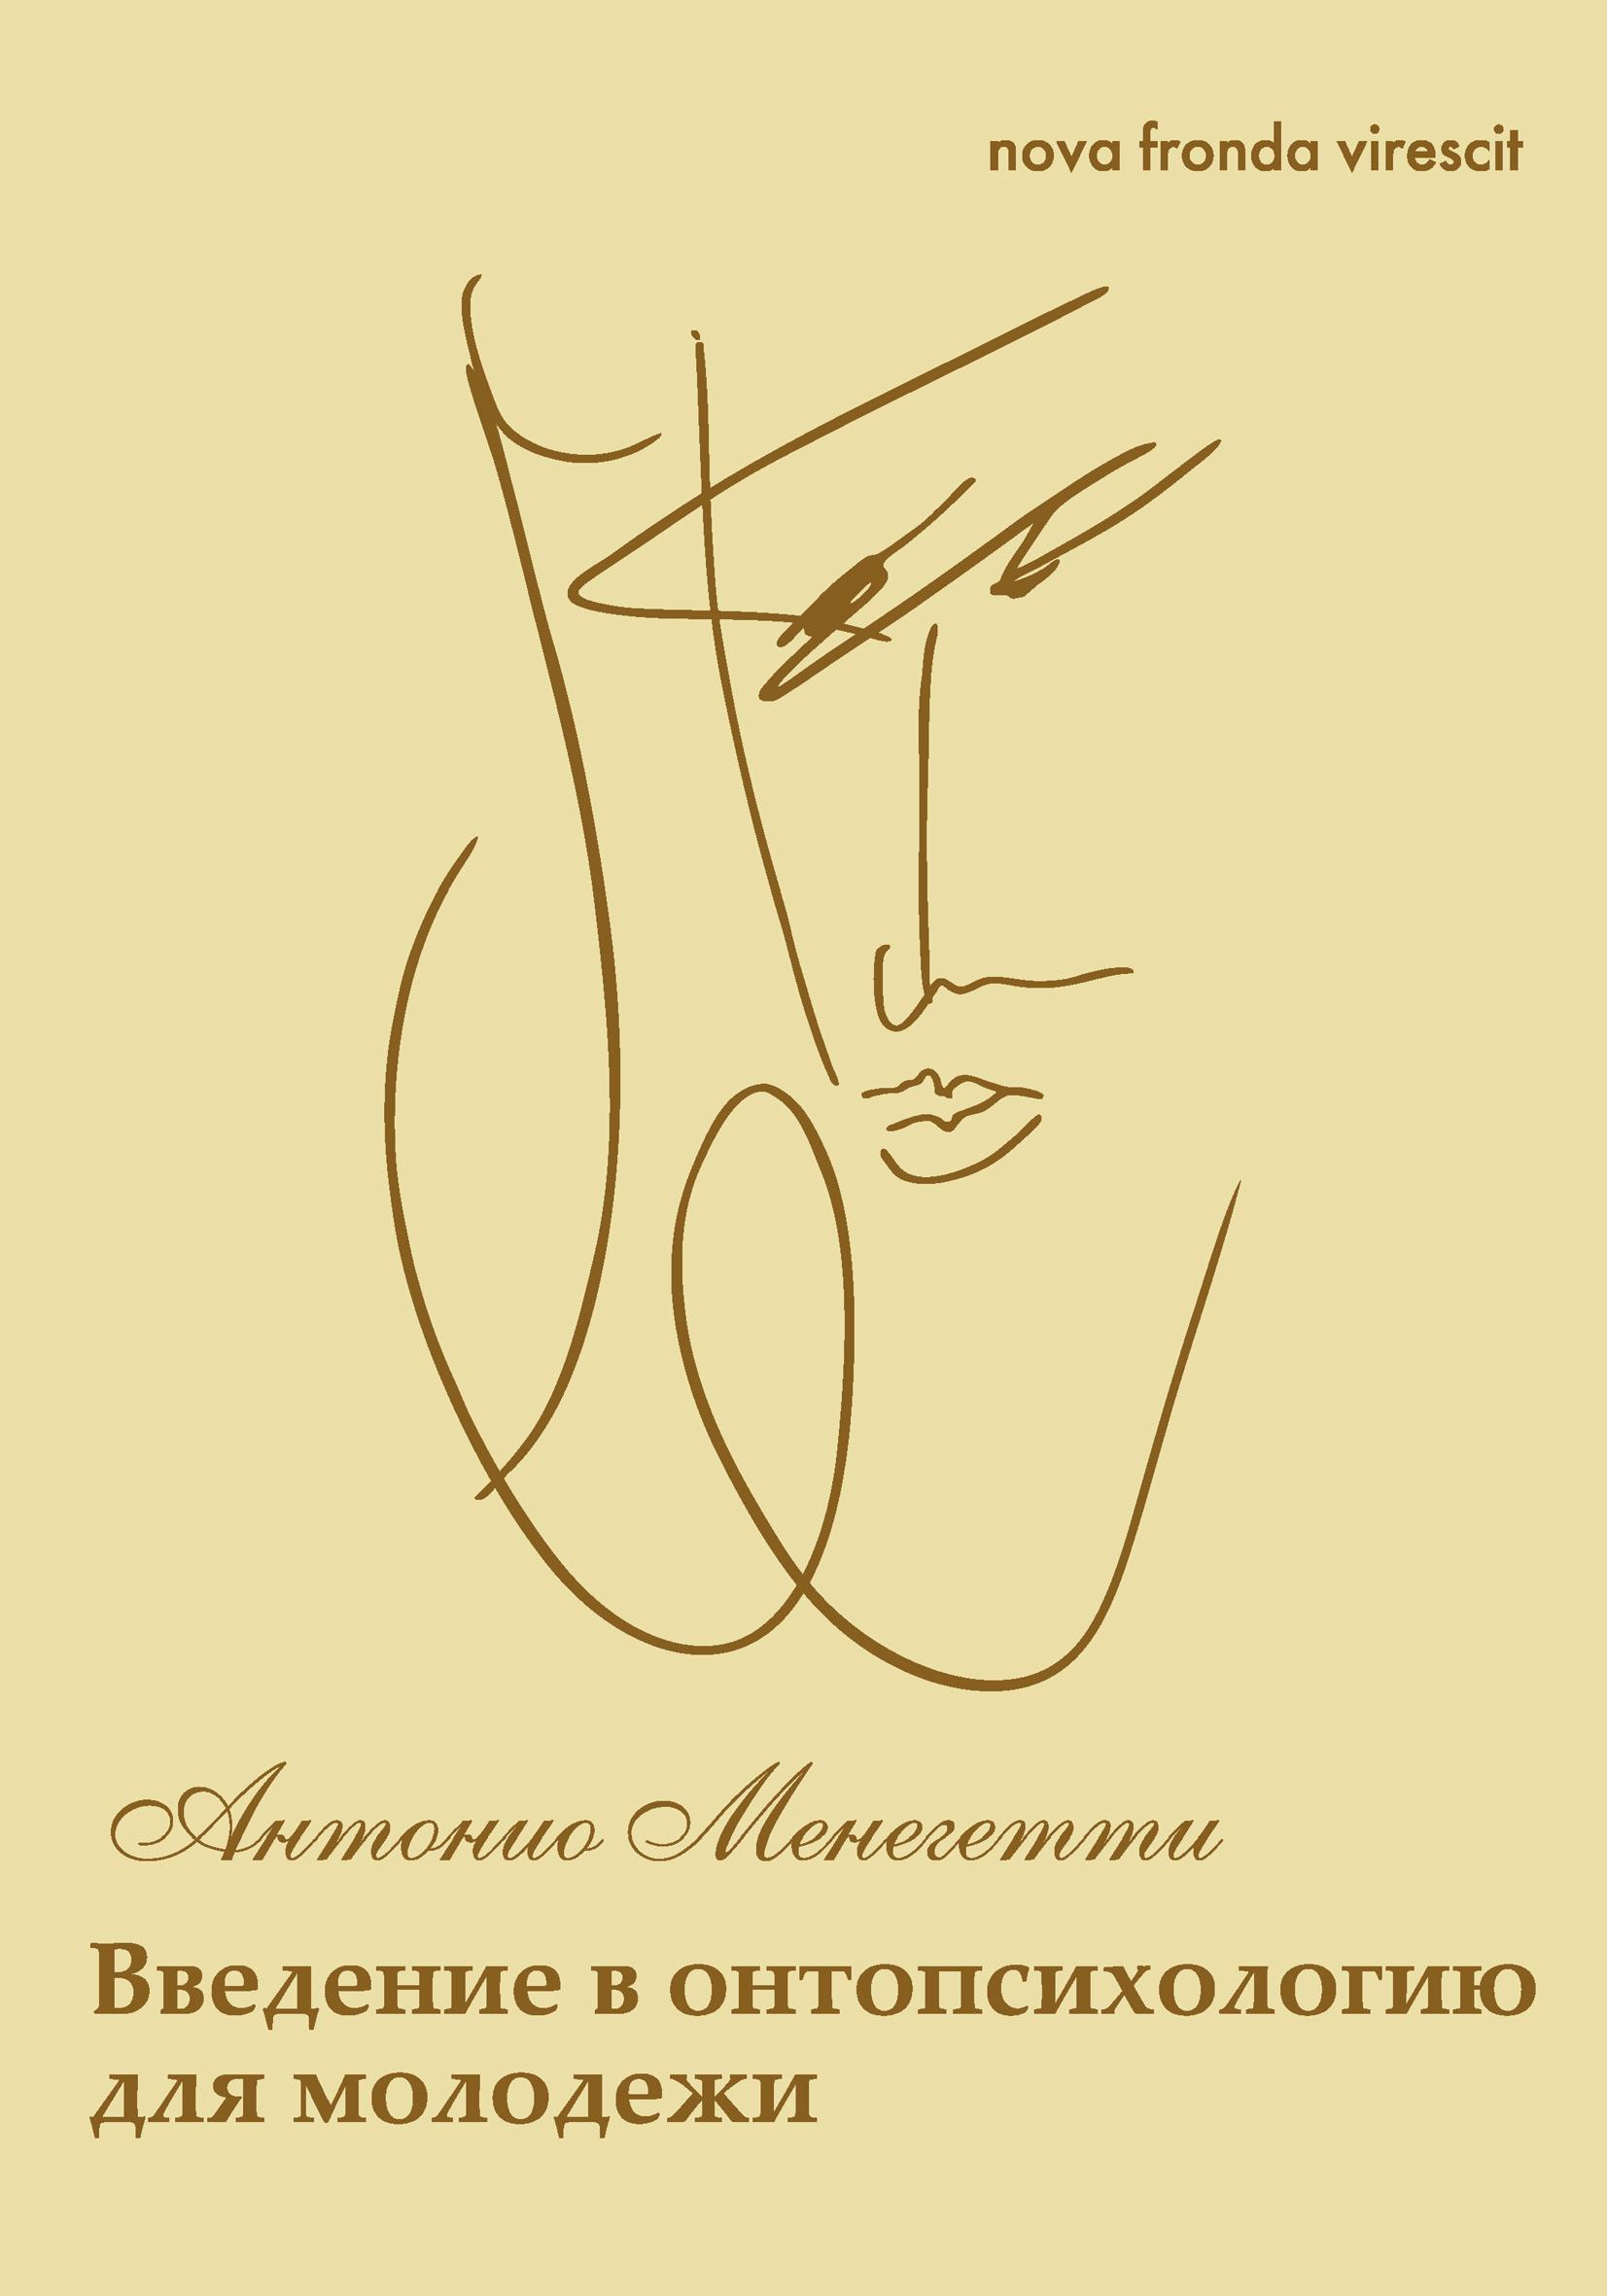 Антонио Менегетти Nova fronda virescit. Введение в онтопсихологию для молодежи